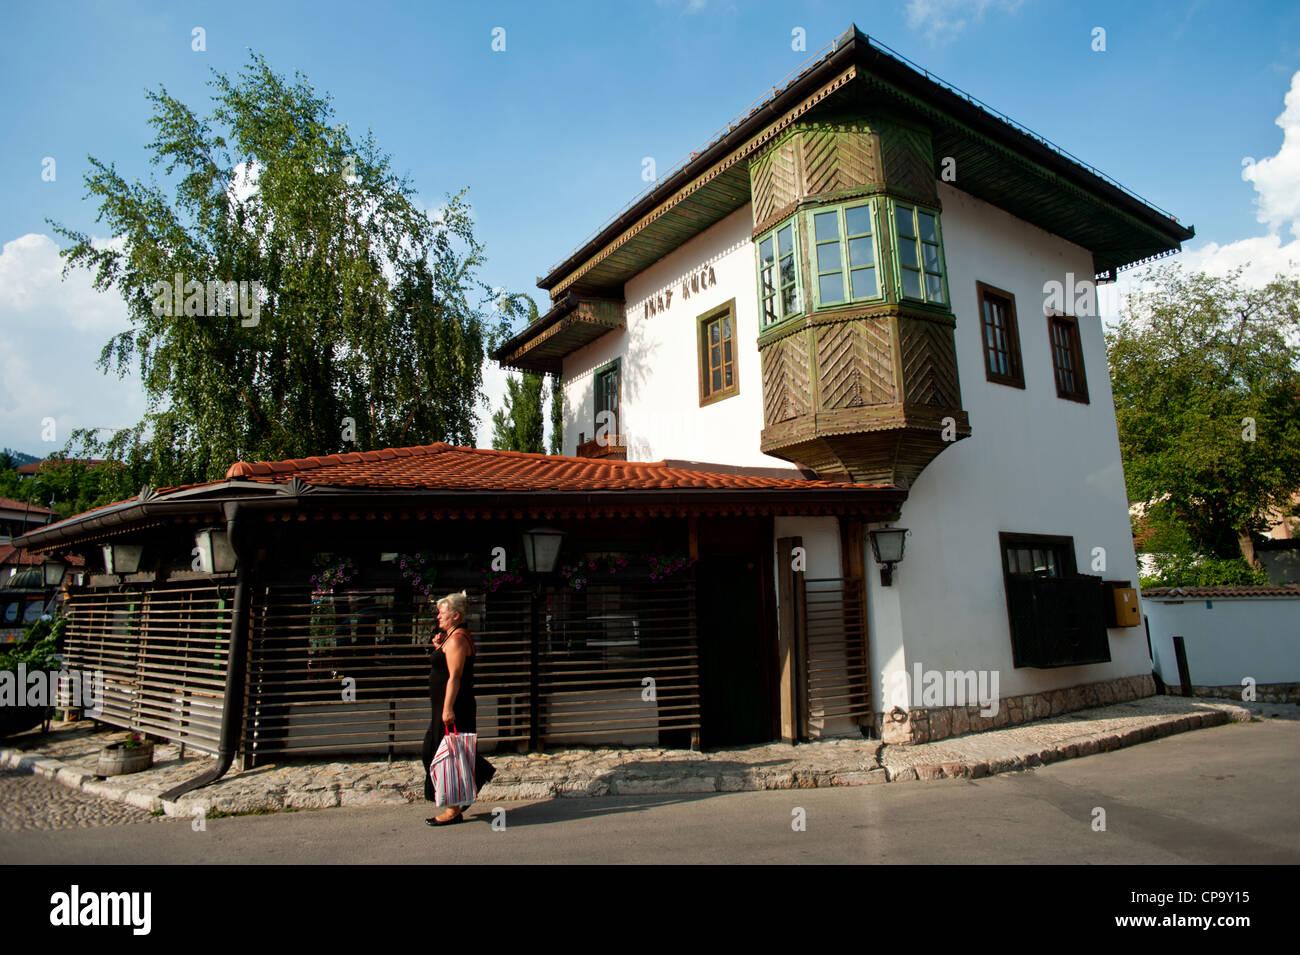 Trotz Haus im osmanischen Wohn Stil gebaut Sarajevo